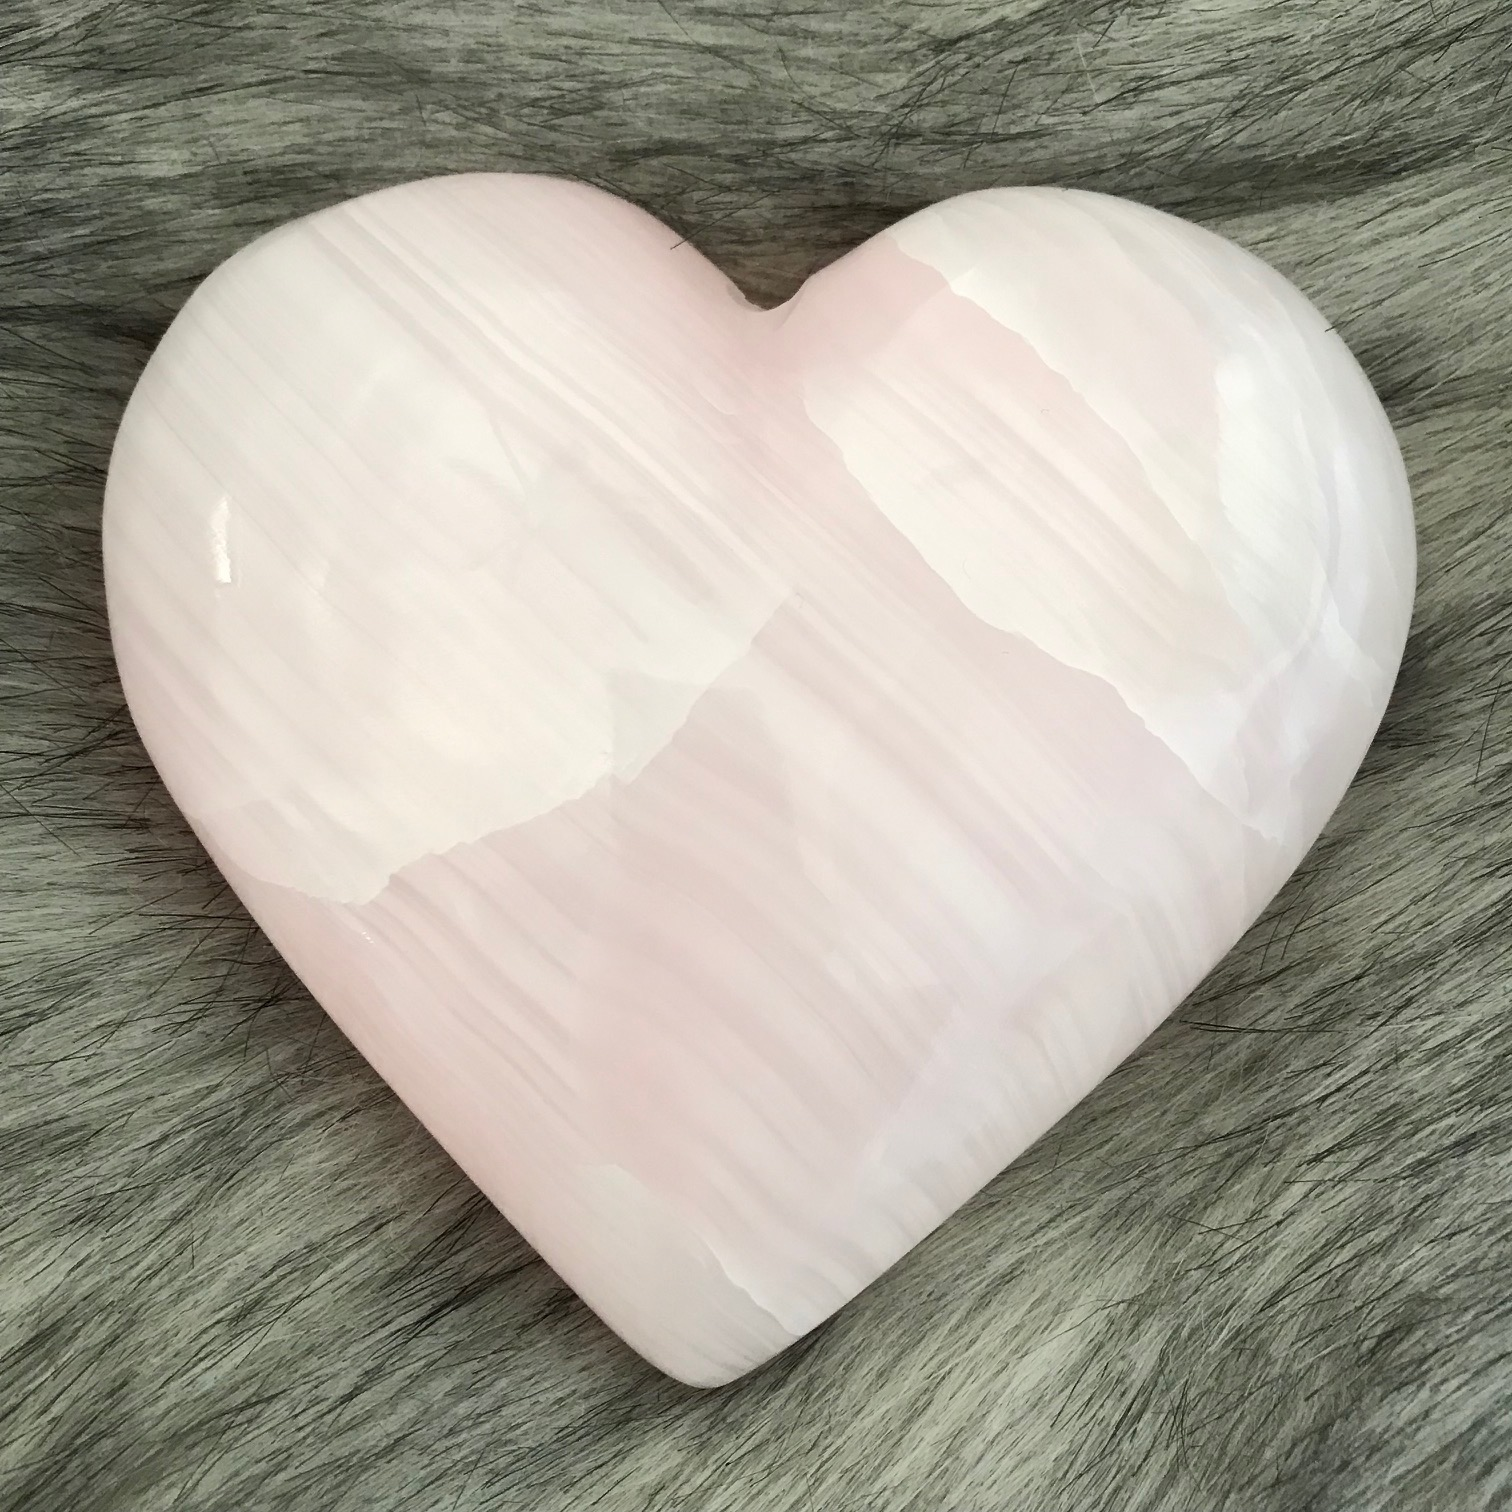 Pink Mangano Calcite Heart Yatzuri